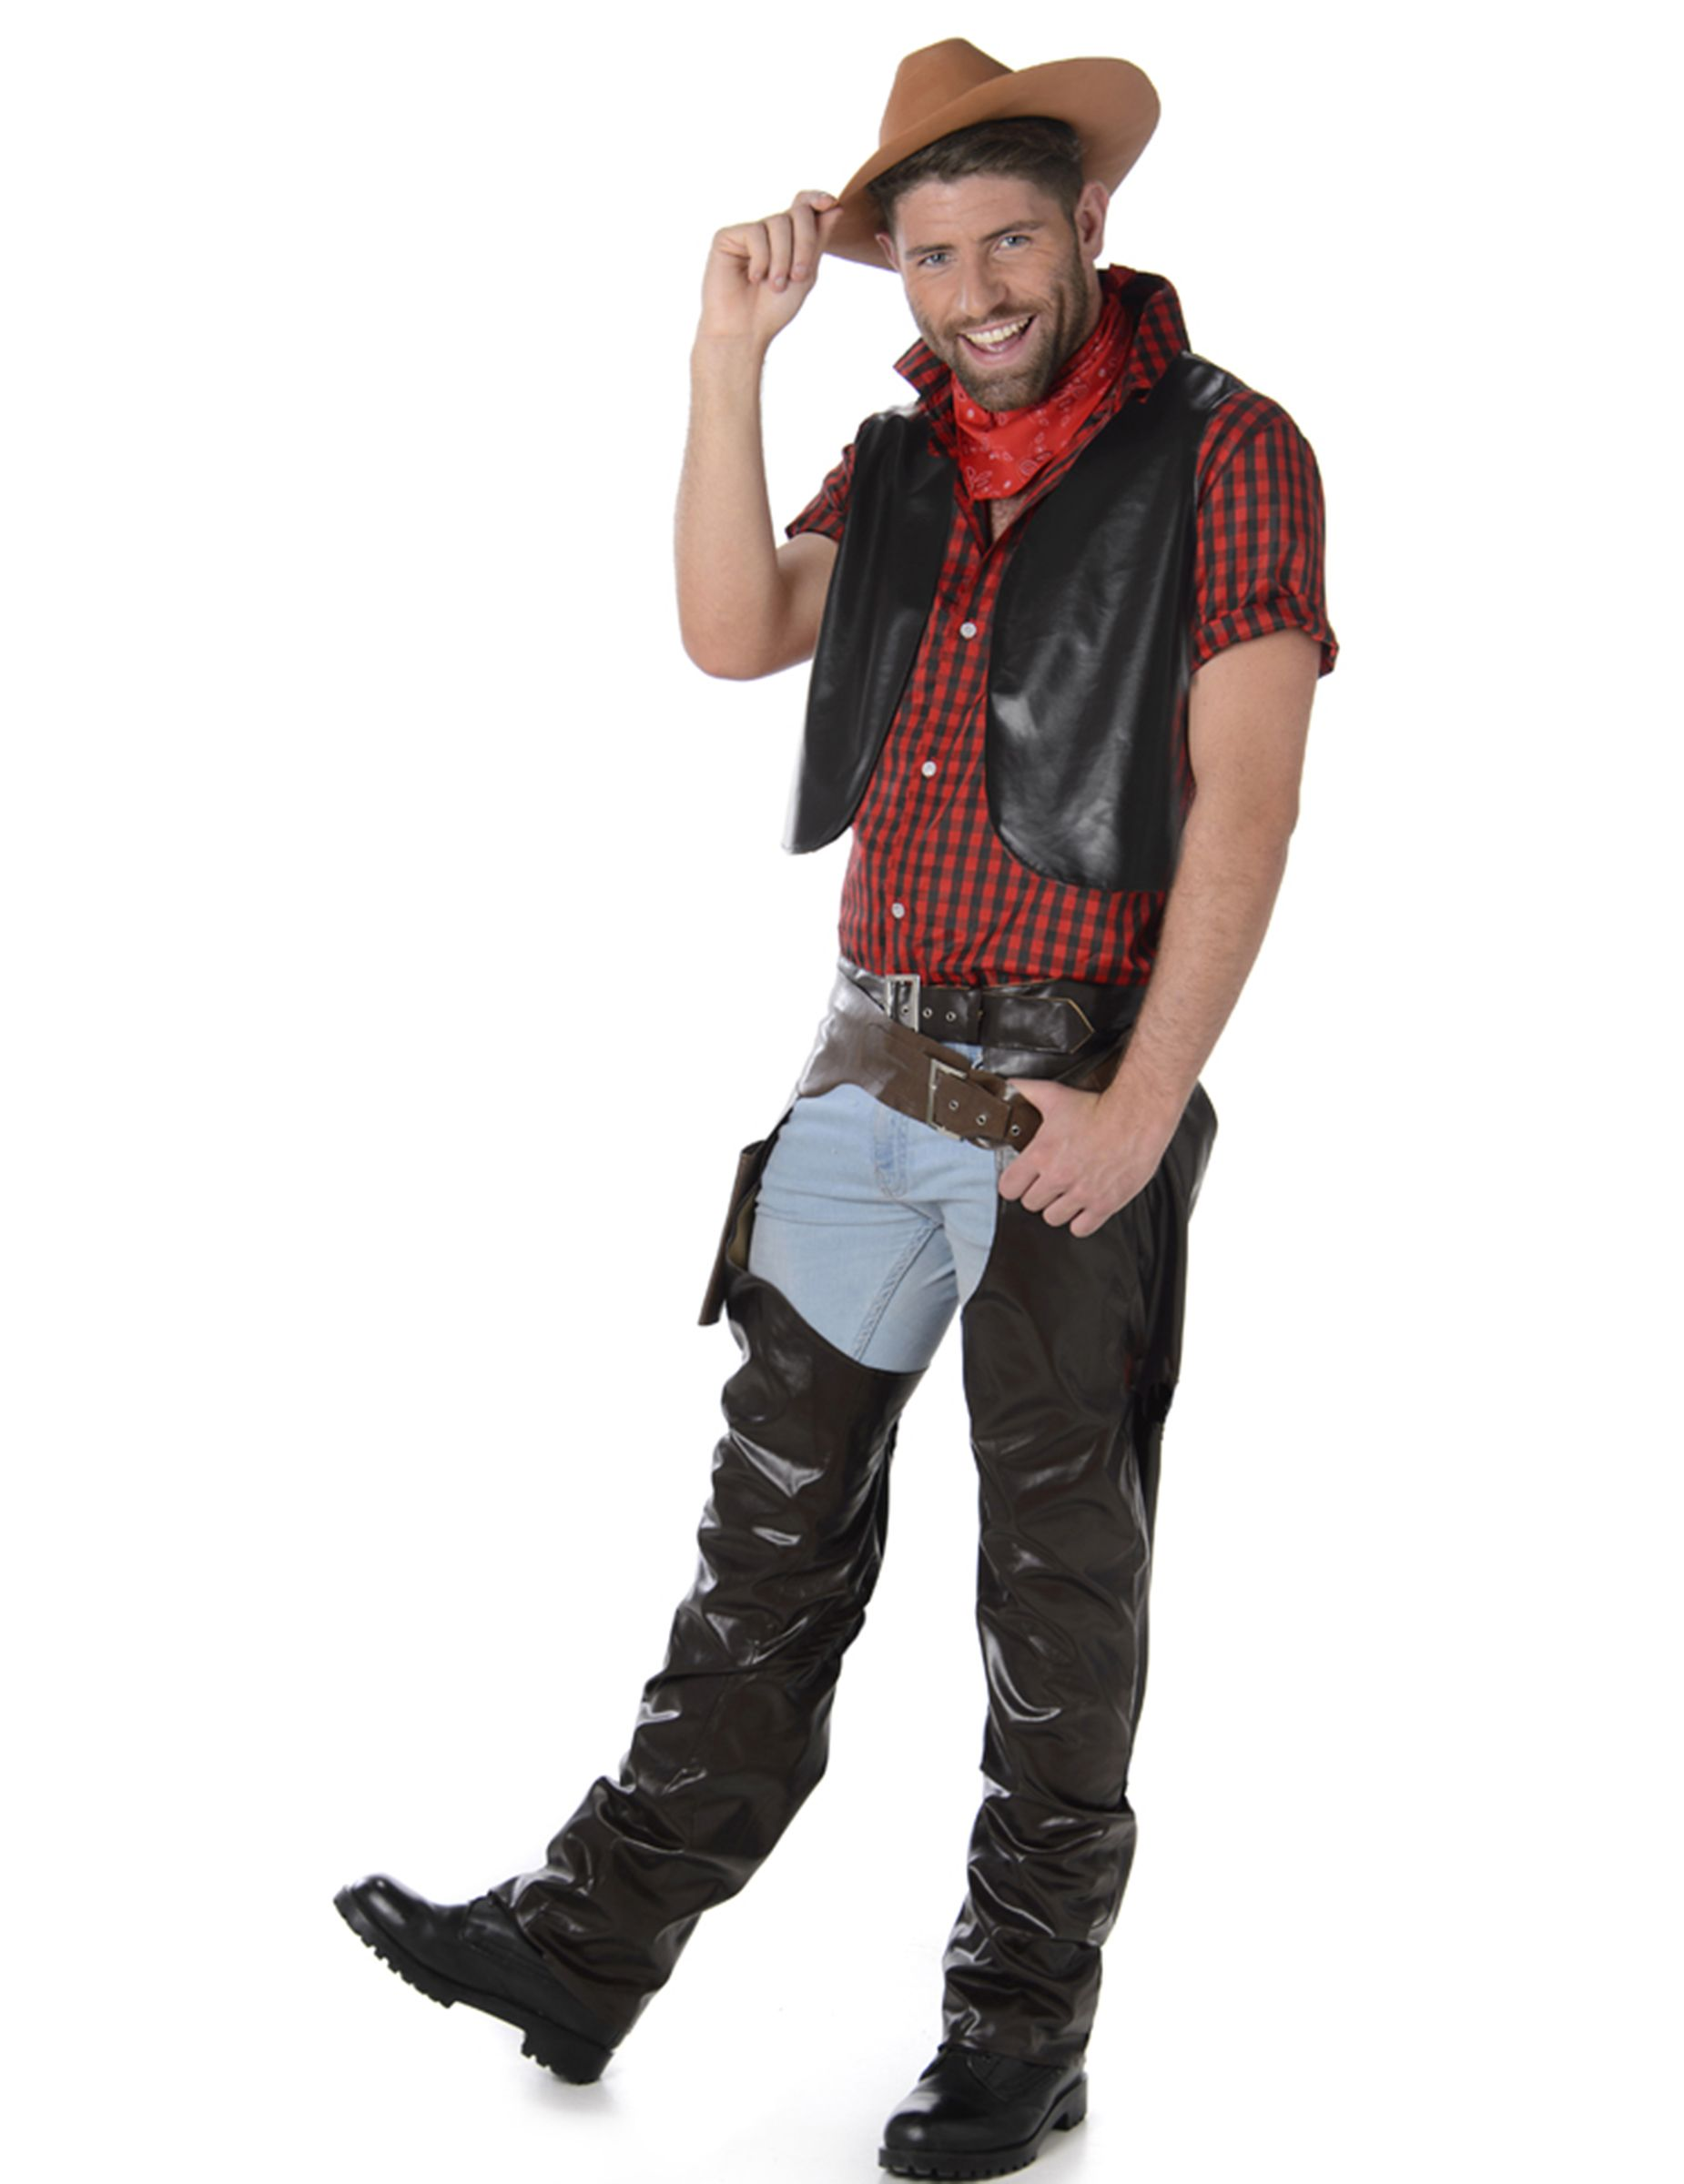 1efc310a4c Disfraz de vaquero hombre  Este disfraz de vaquero para hombre incluye  camisa